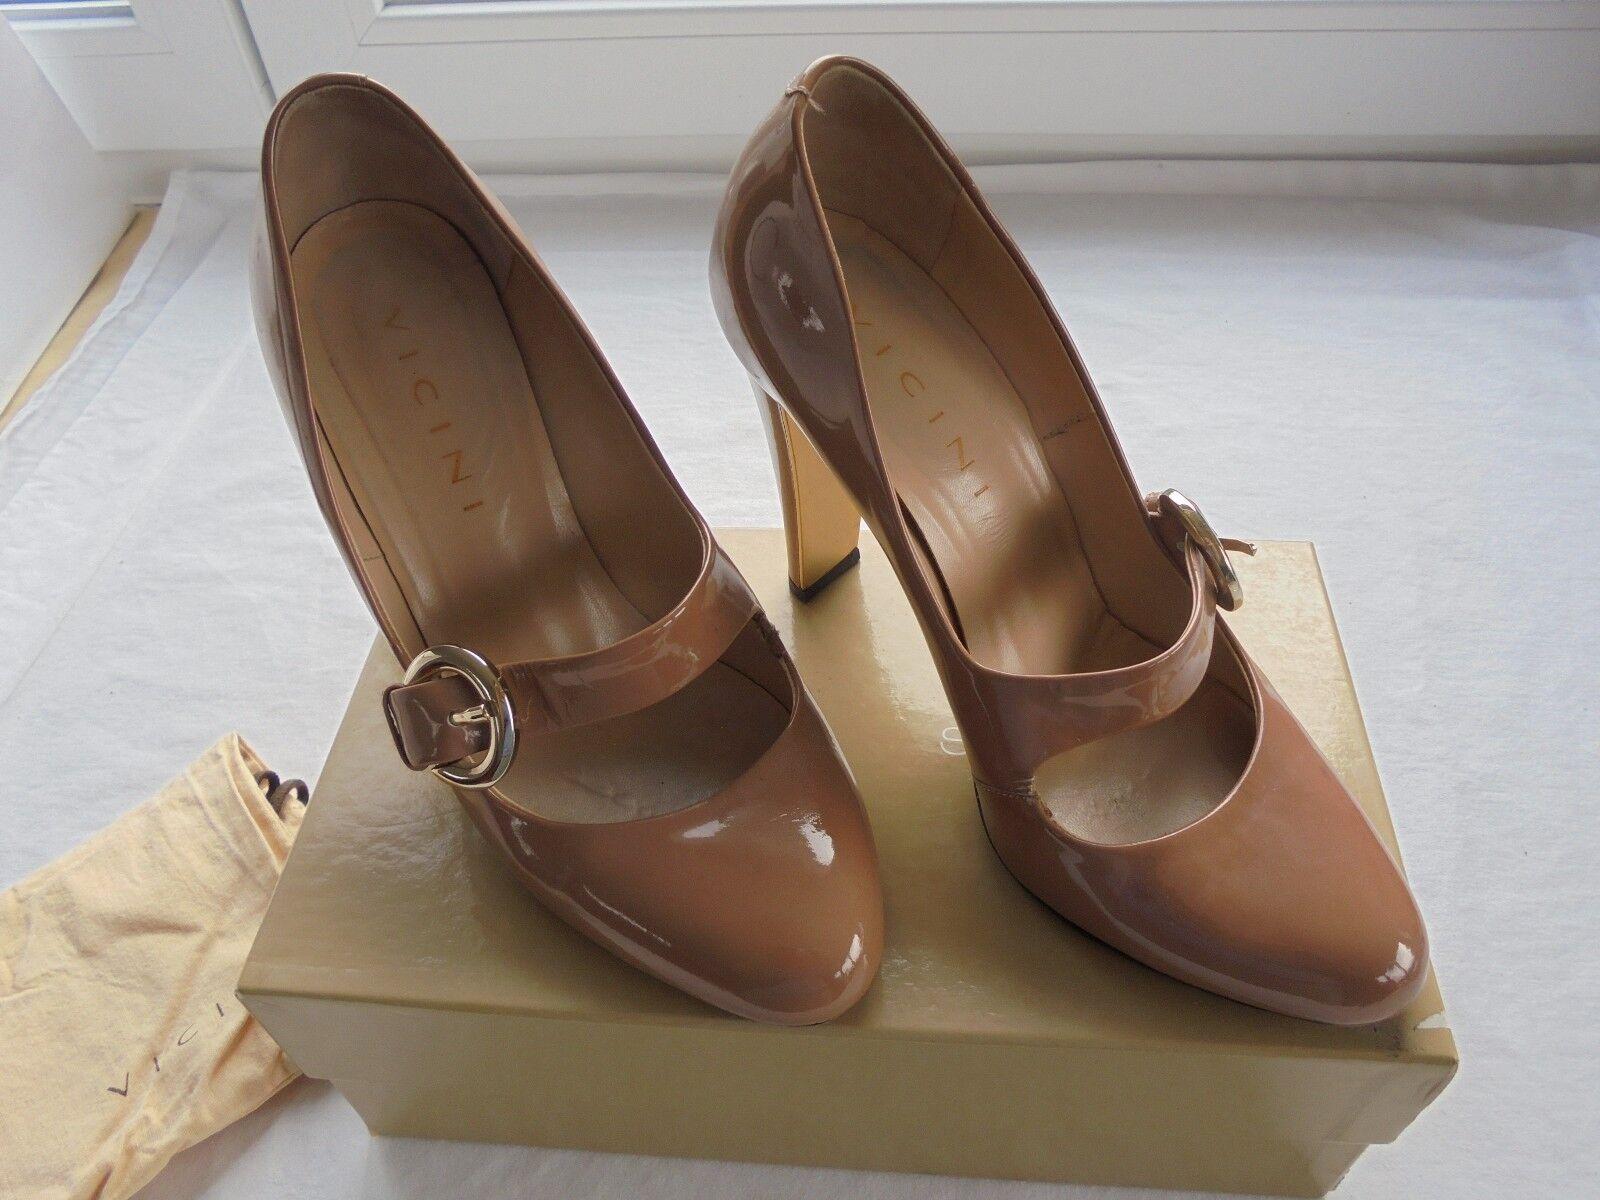 VICINI Nude Lackleder Pumps NP  TOP OVP High Heels Schuhe Gr 39